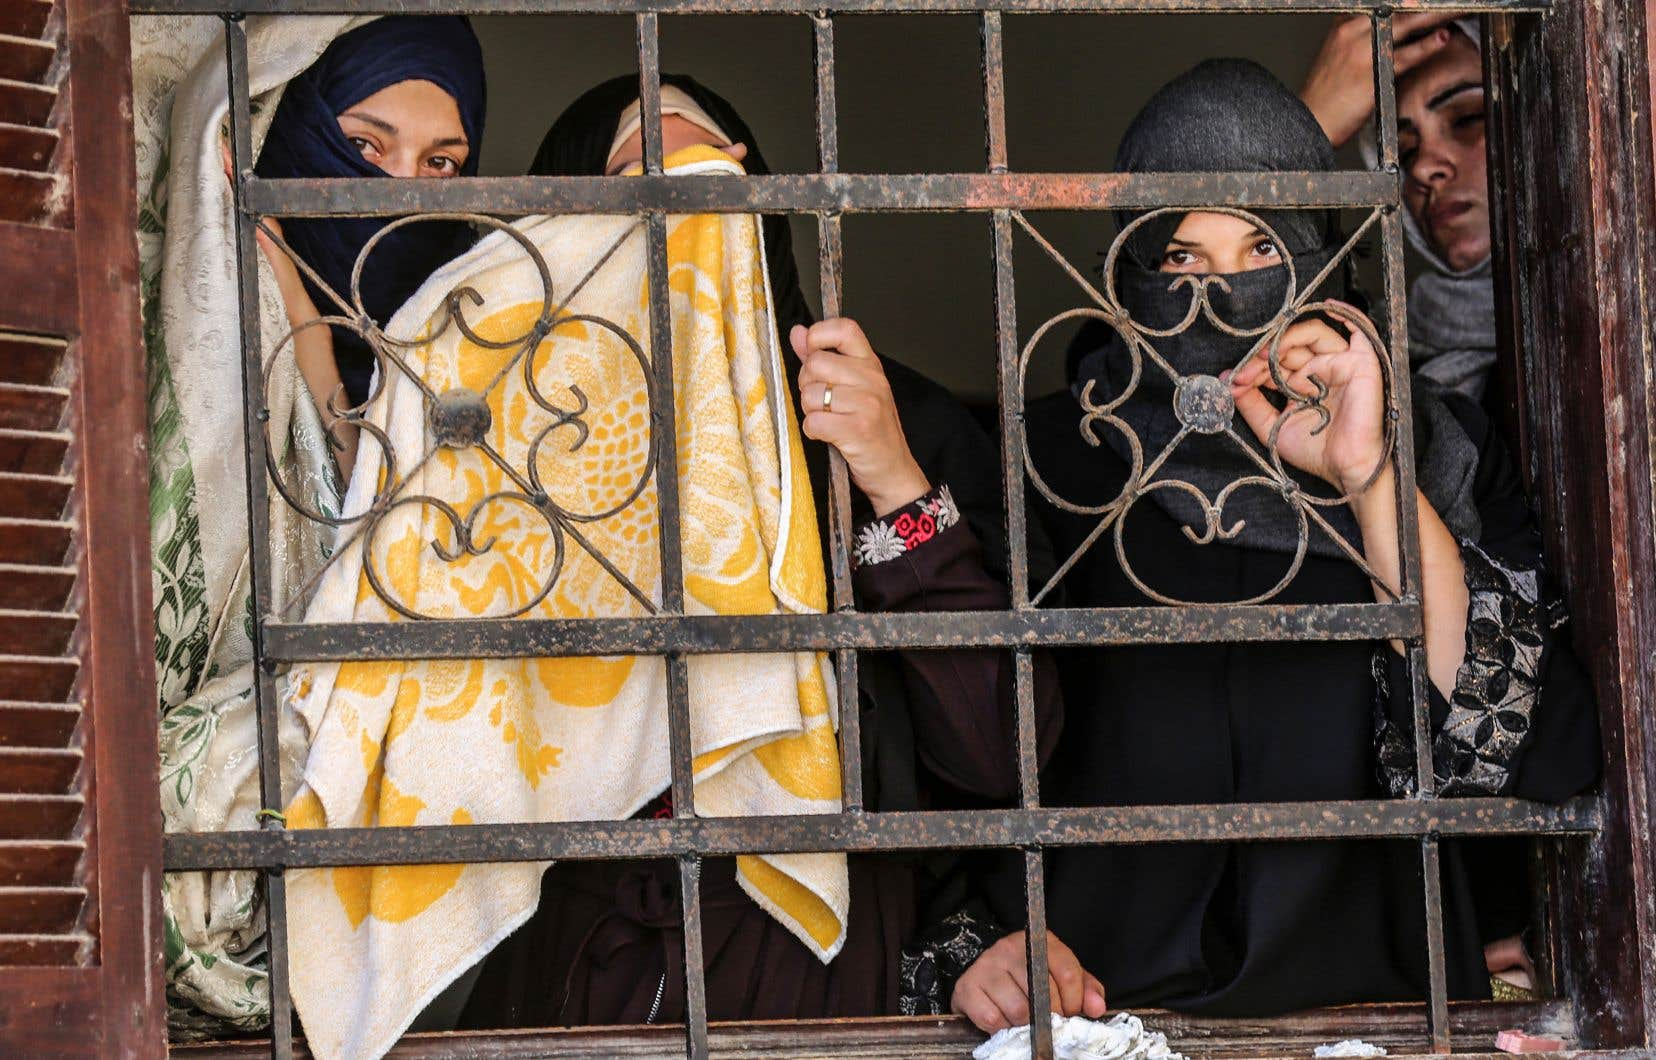 Des civils palestiniens et israéliens craignent que n'éclate un nouveau conflit entre l'État hébreu et le Hamas.